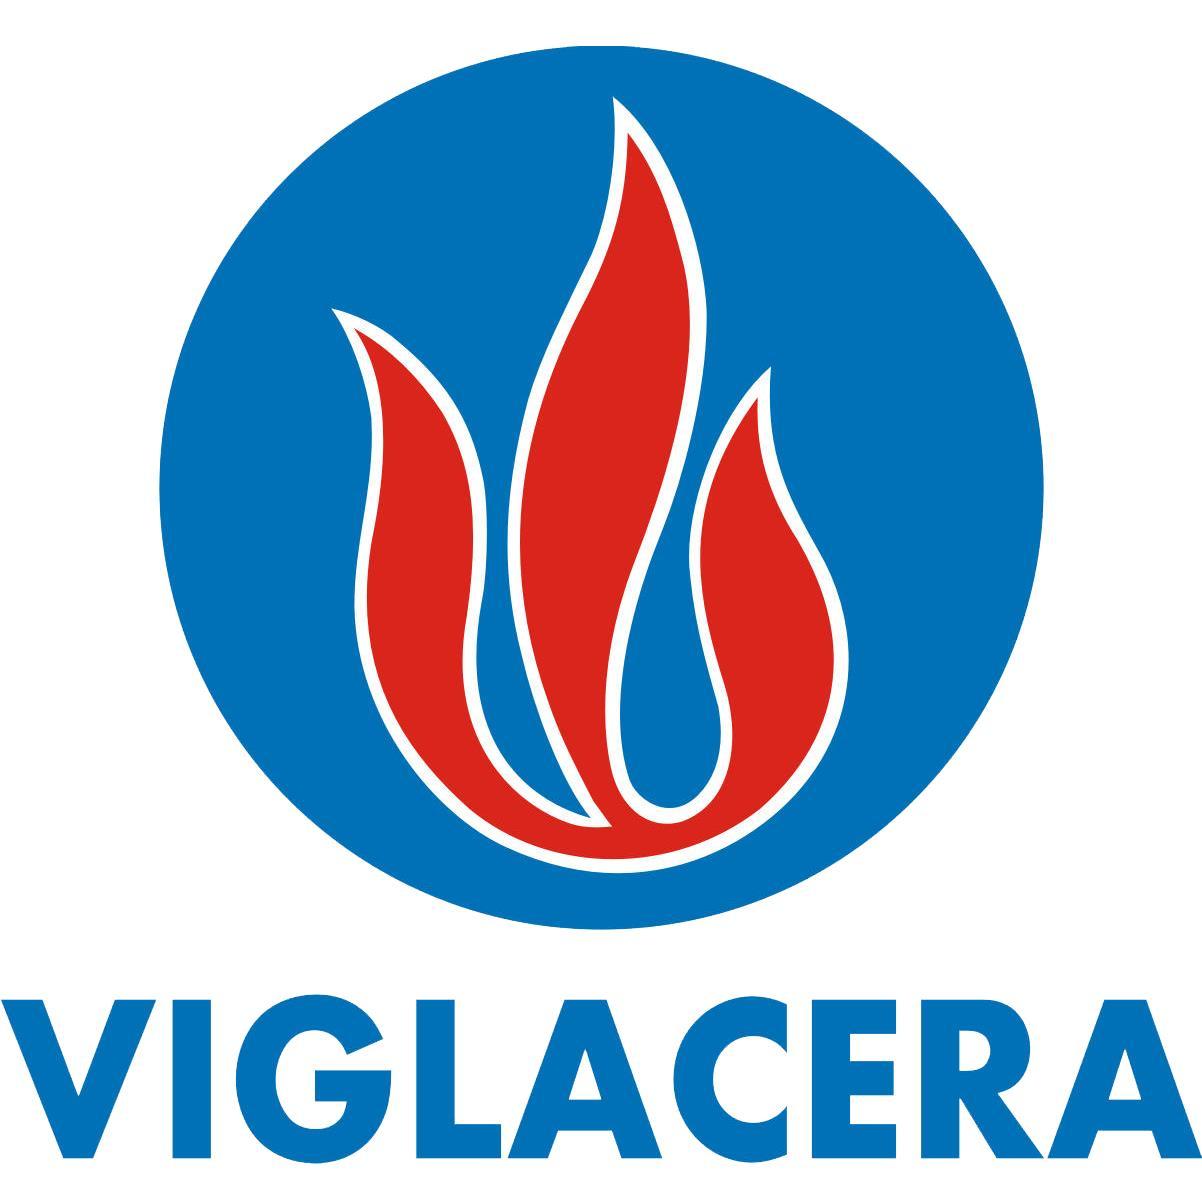 VGC: Trần Ngọc Anh - Ủy viên HĐQT, Phó Tổng Giám đốc - đã mua 200.000 CP